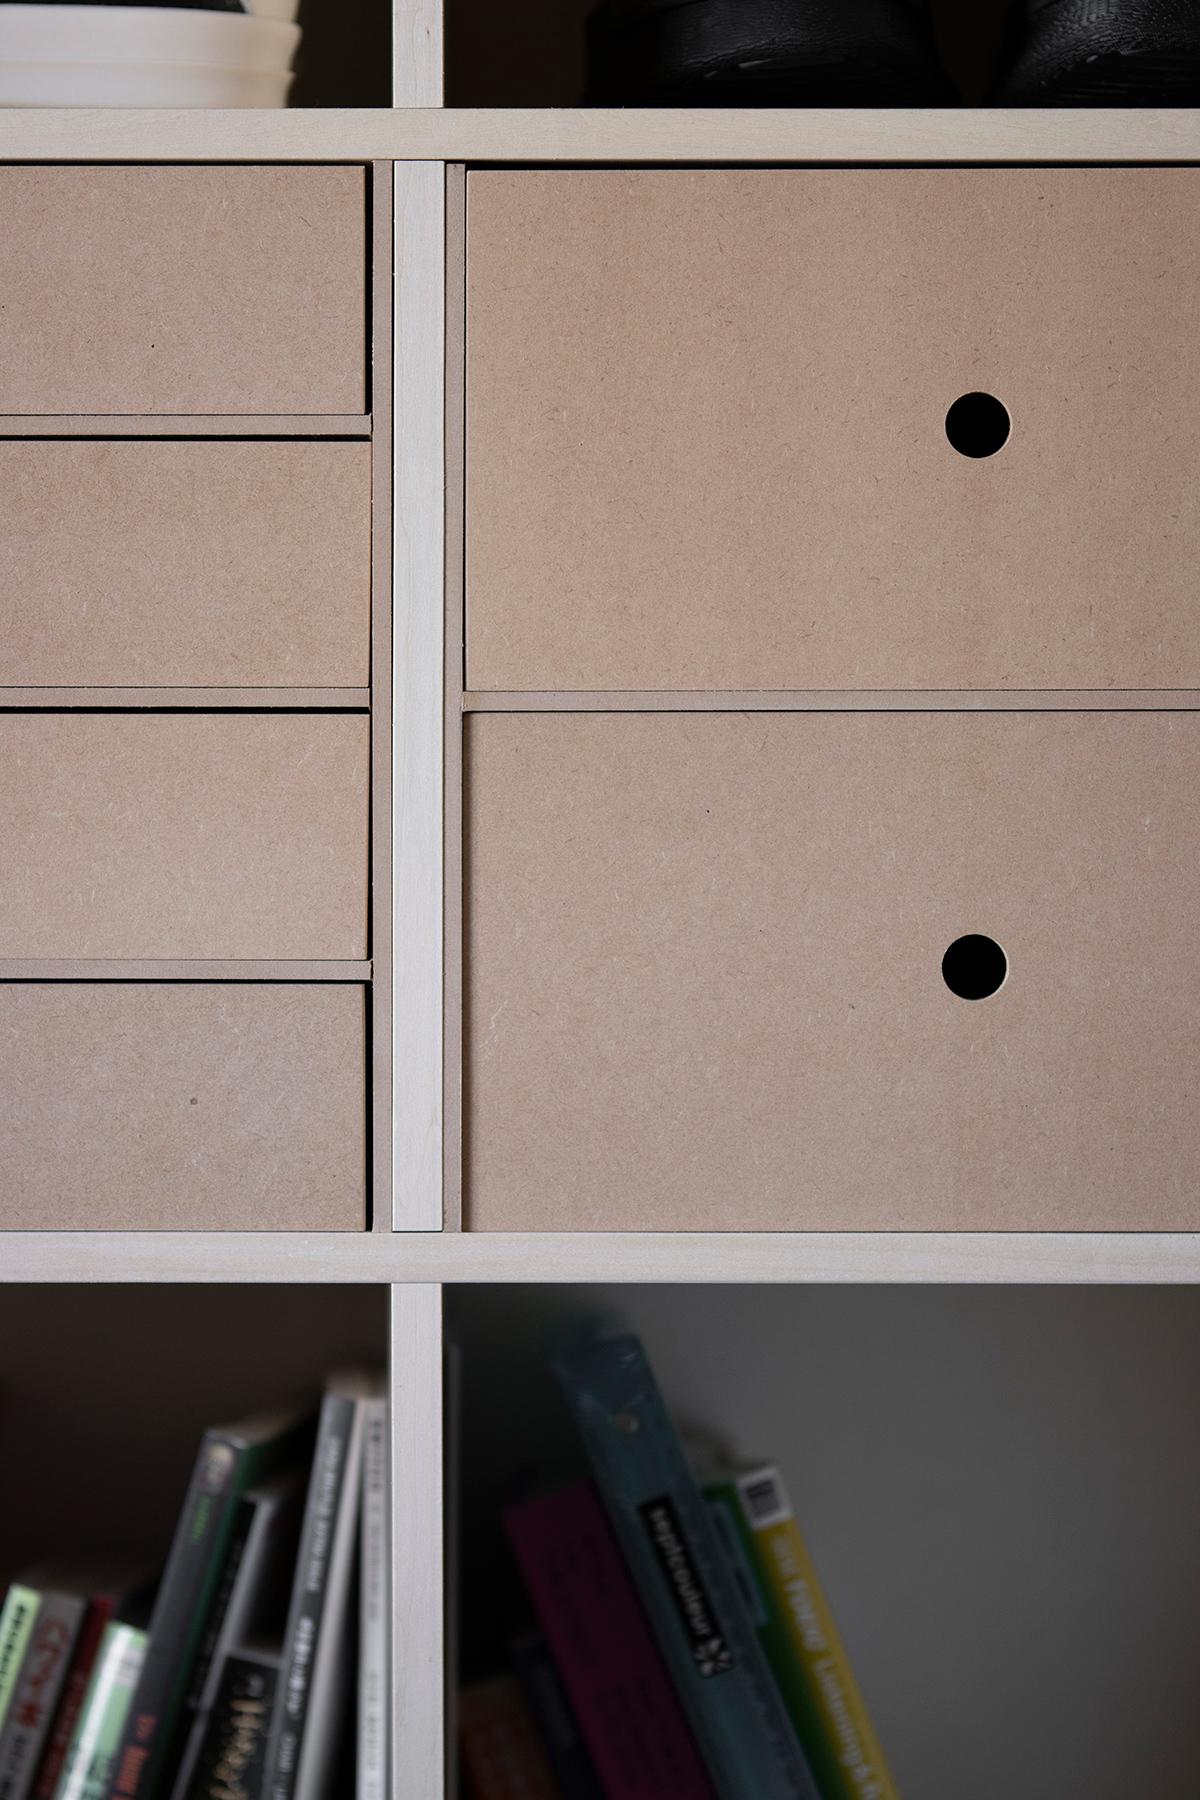 ロータイプの本棚で緩やかに間仕切る | 壁一面の本棚 奥行350mm / Shelf (No.115) | margherita使用例